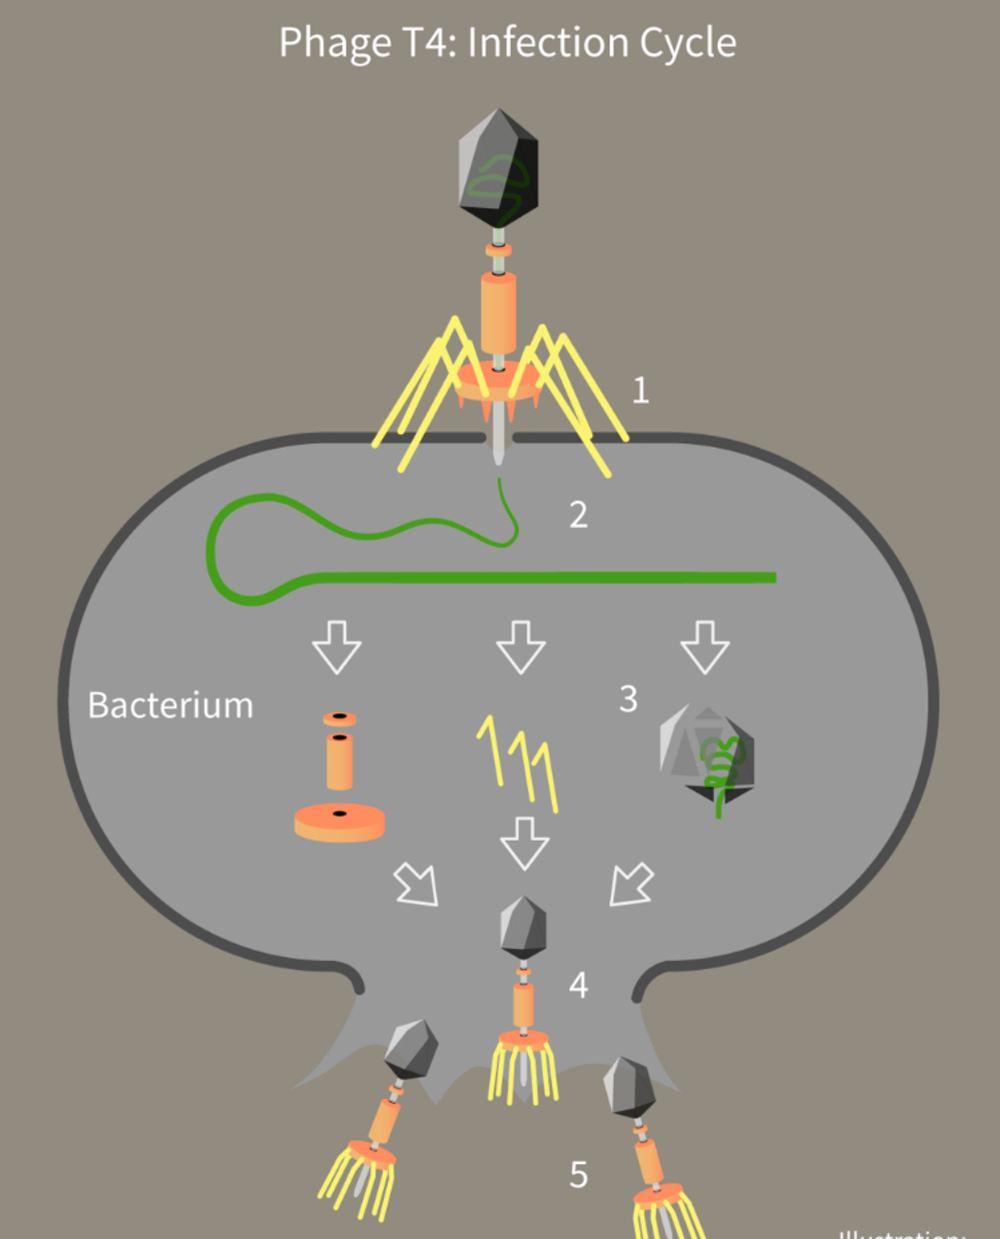 """Un virus appelé bactériophage infecte les bactéries et insère son matériel génétique dans la cellule. La bactérie """"lit"""" les instructions génétiques et fabrique plus de virus qui détruisent la bactérie à leur sortie de la cellule - Crédit : Crédit : Guido4, CC BY"""